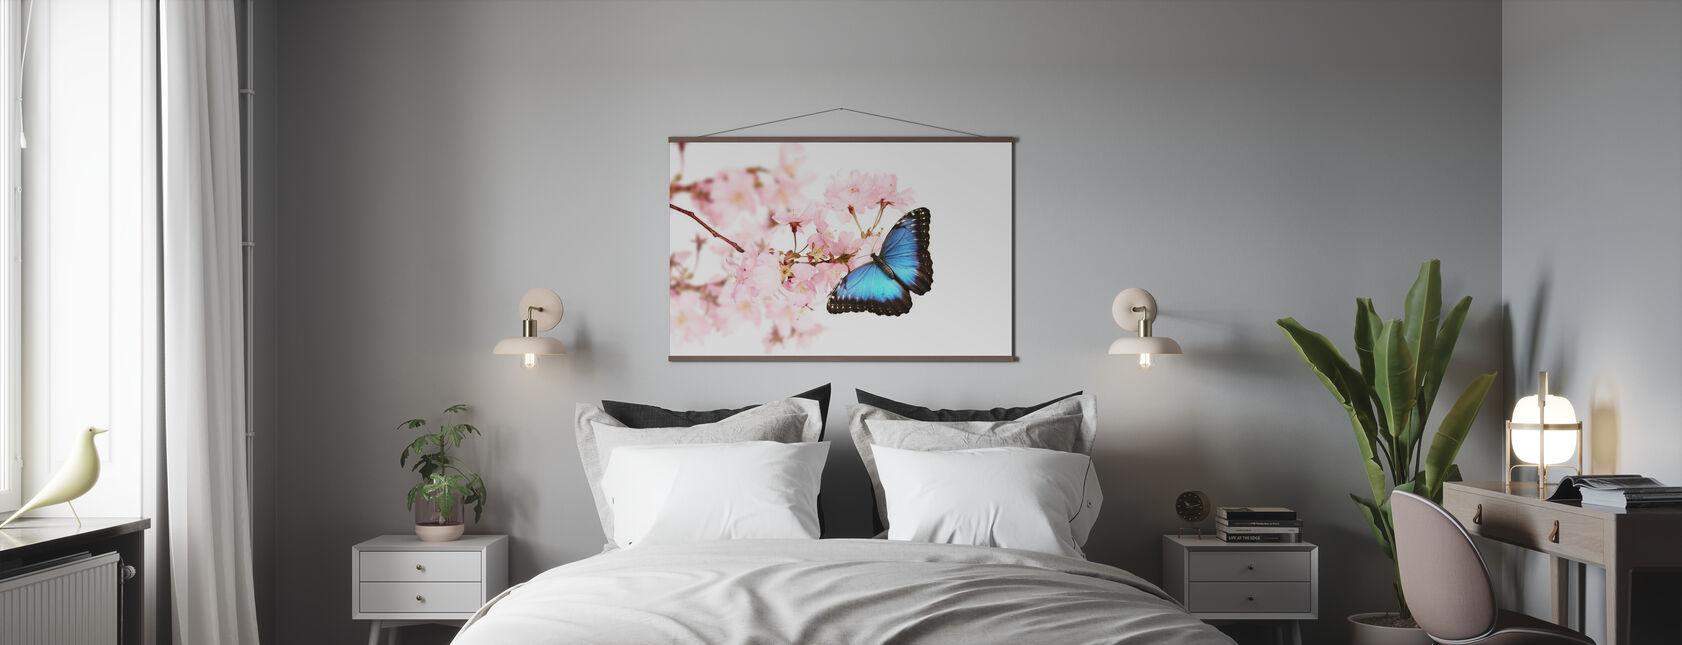 Butterfly Kirsebærblomster - Plakat - Soverom